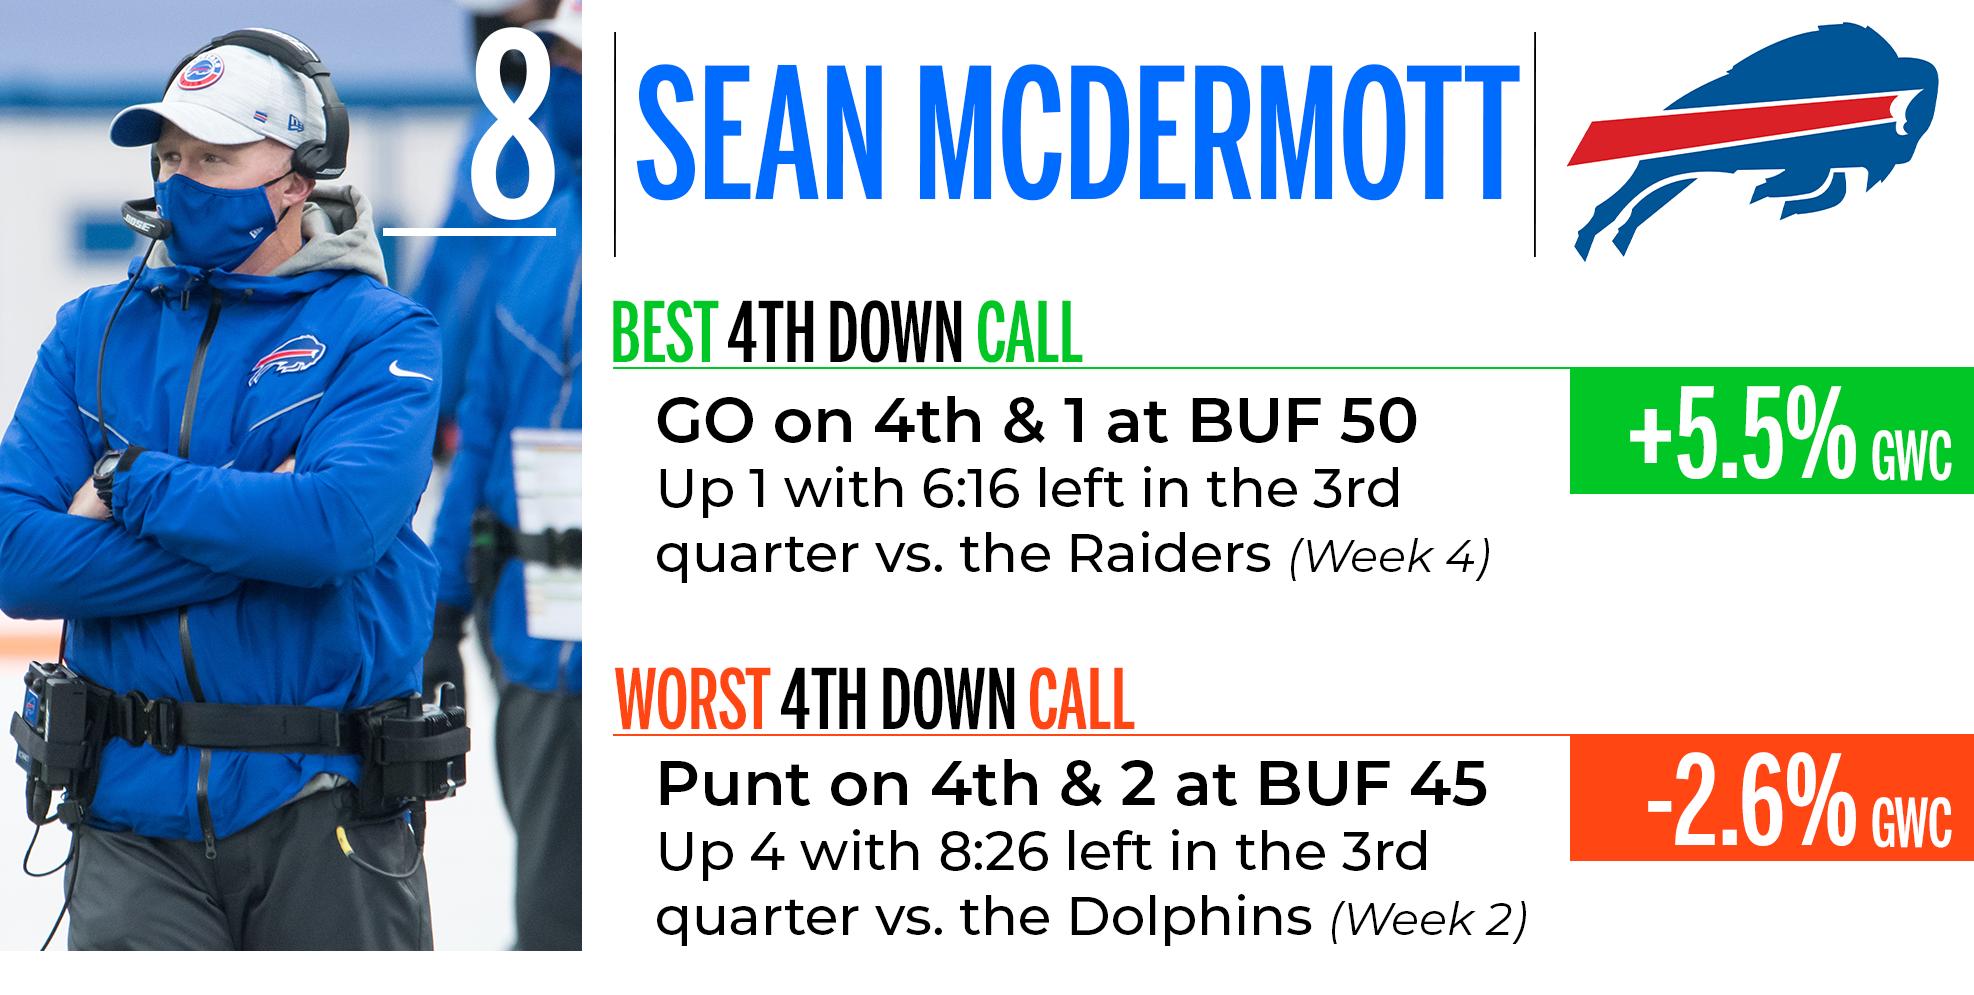 Sean McDermott